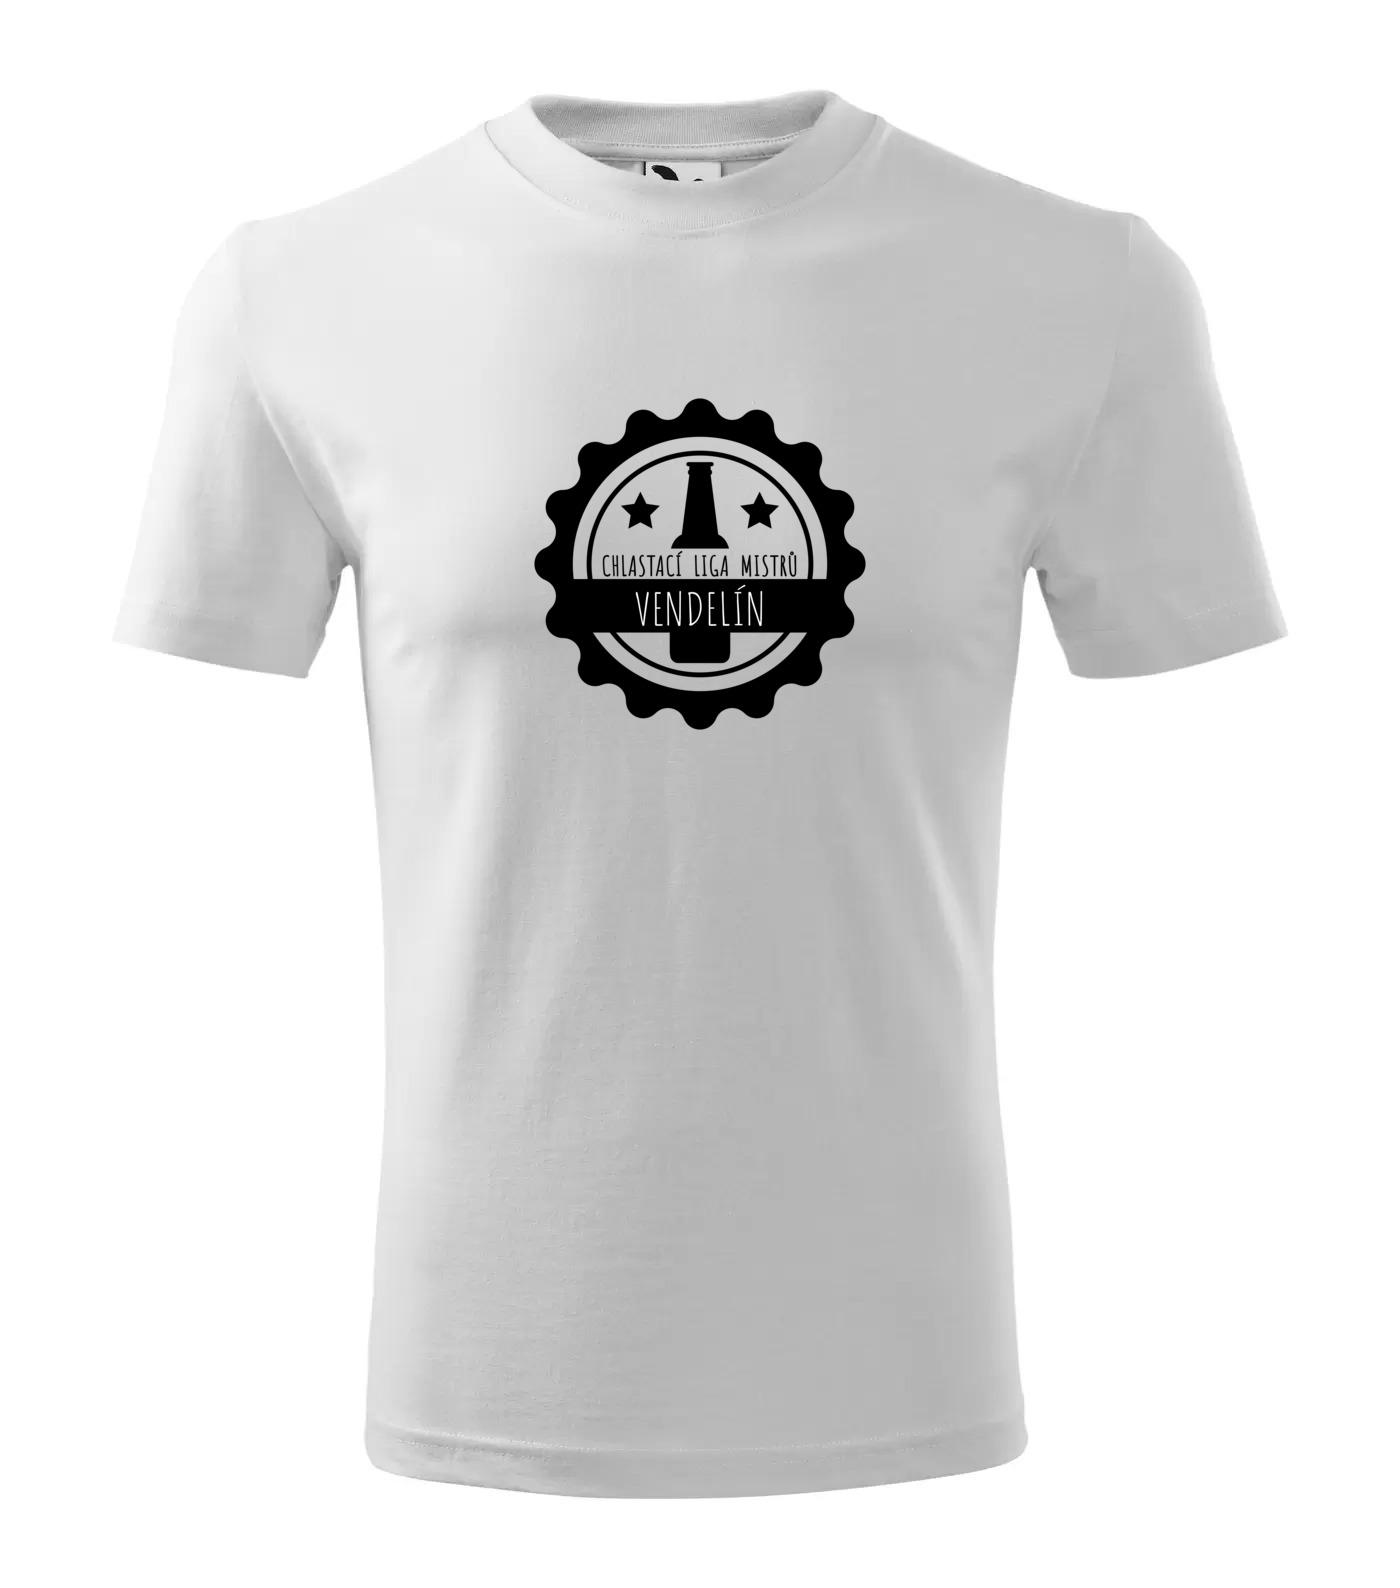 Tričko Chlastací liga mužů Vendelín